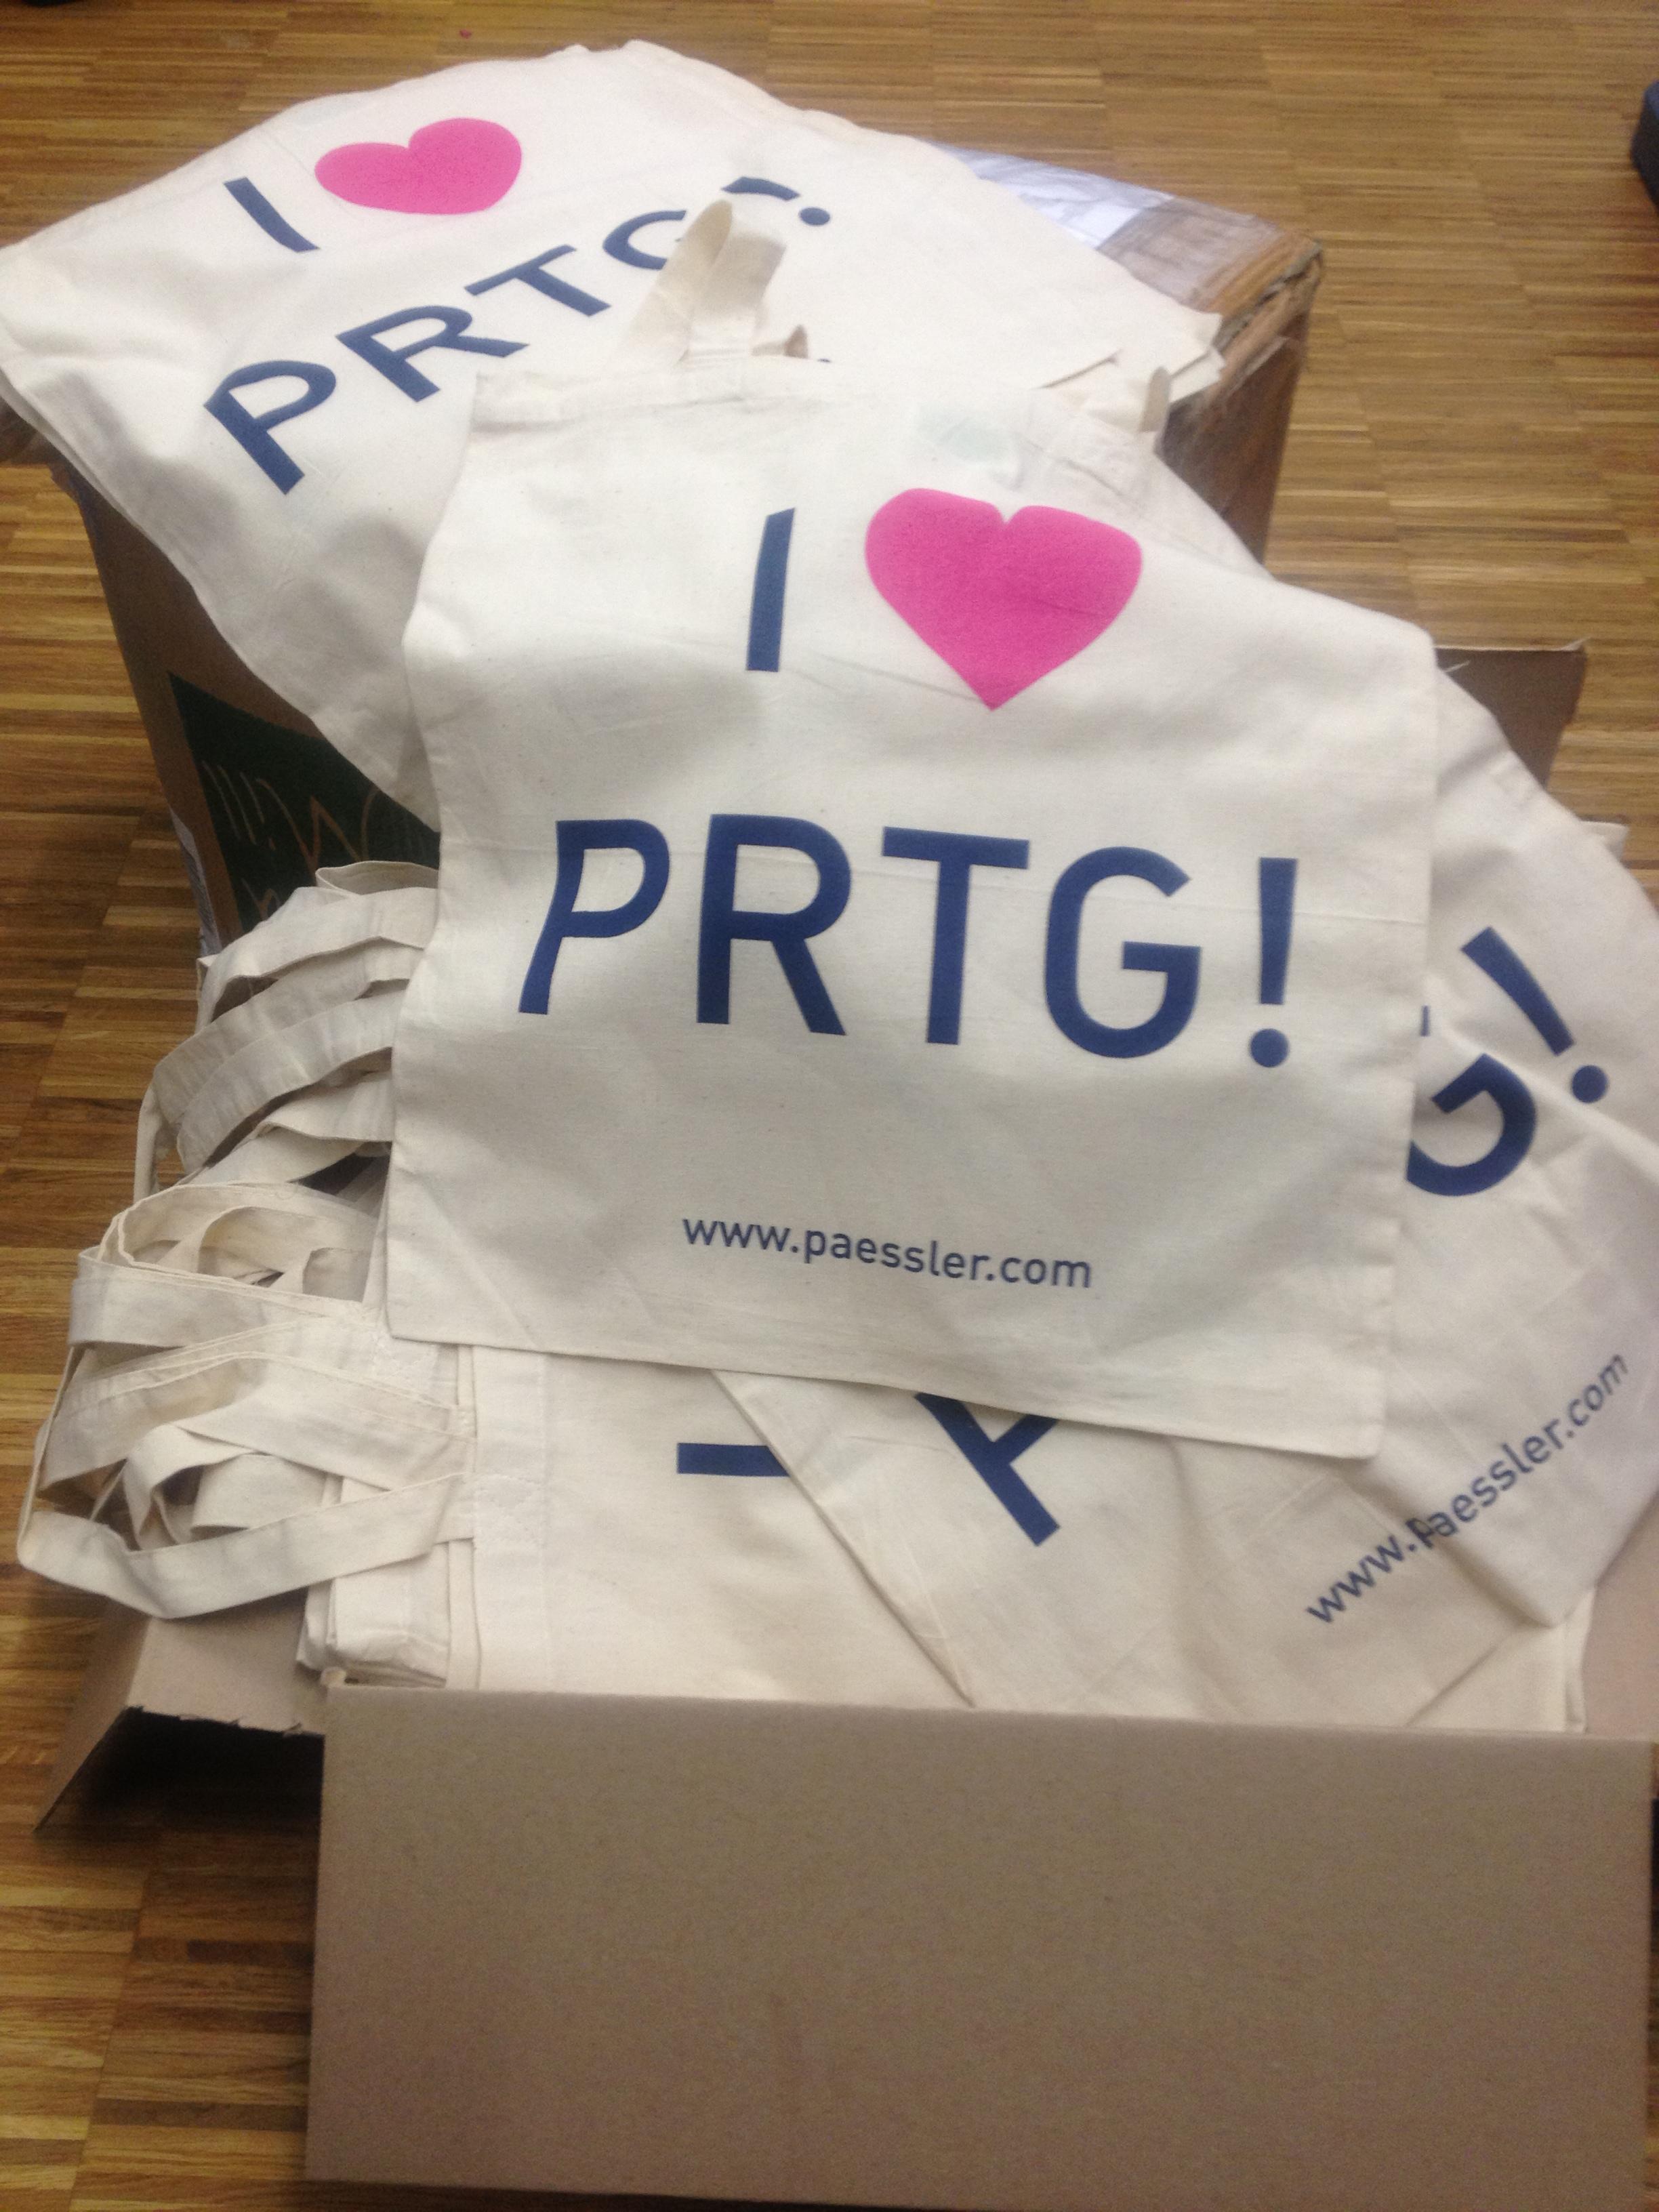 prtg_arrived.jpg